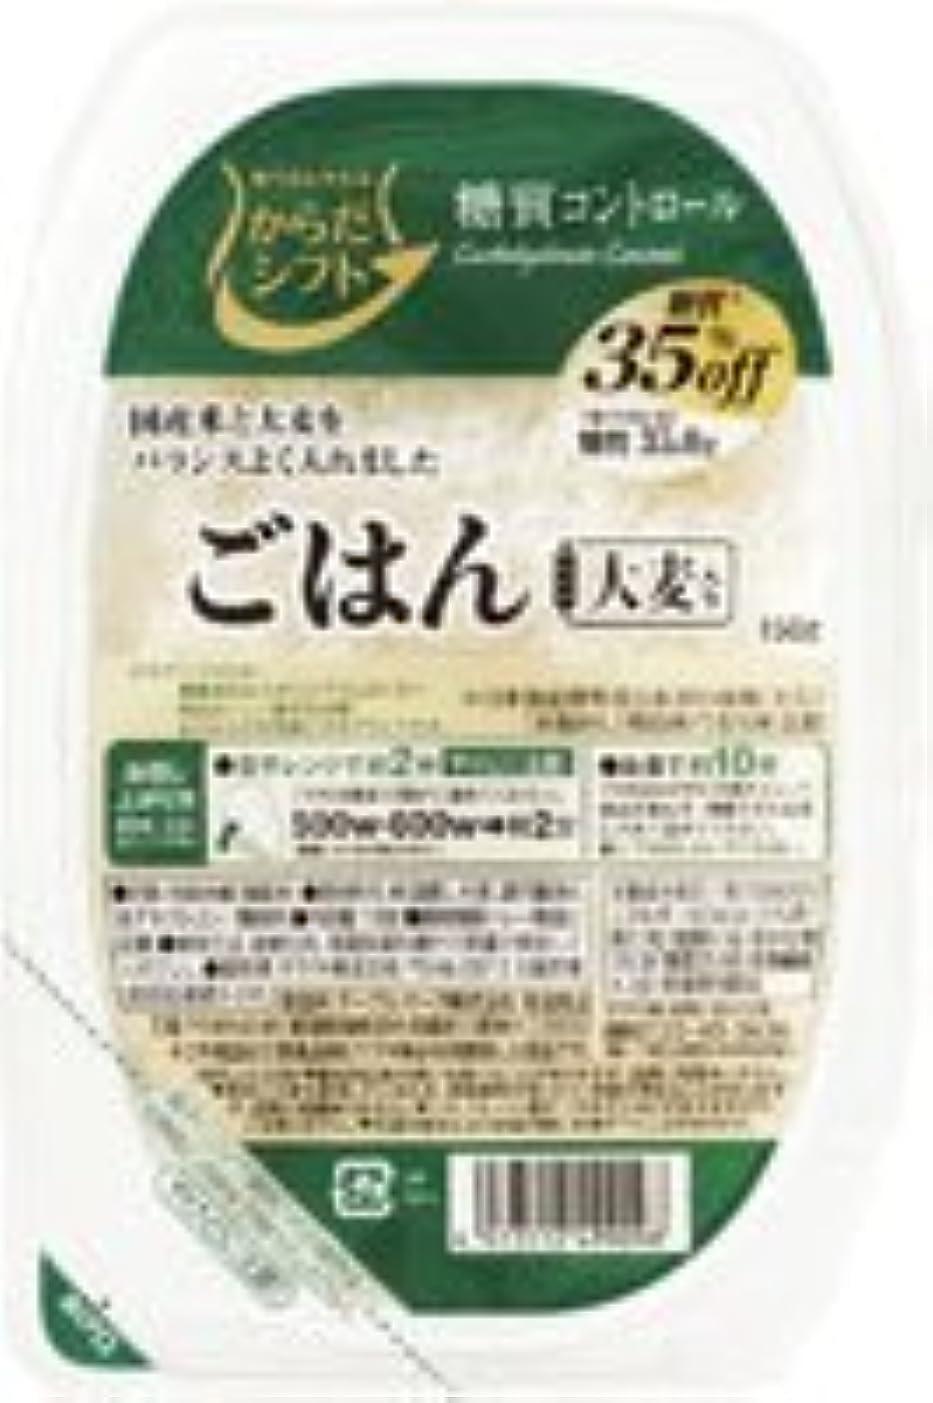 直径奇跡一貫性のないからだシフト 糖質コントロール ごはん 大麦入り 150g【6個セット】